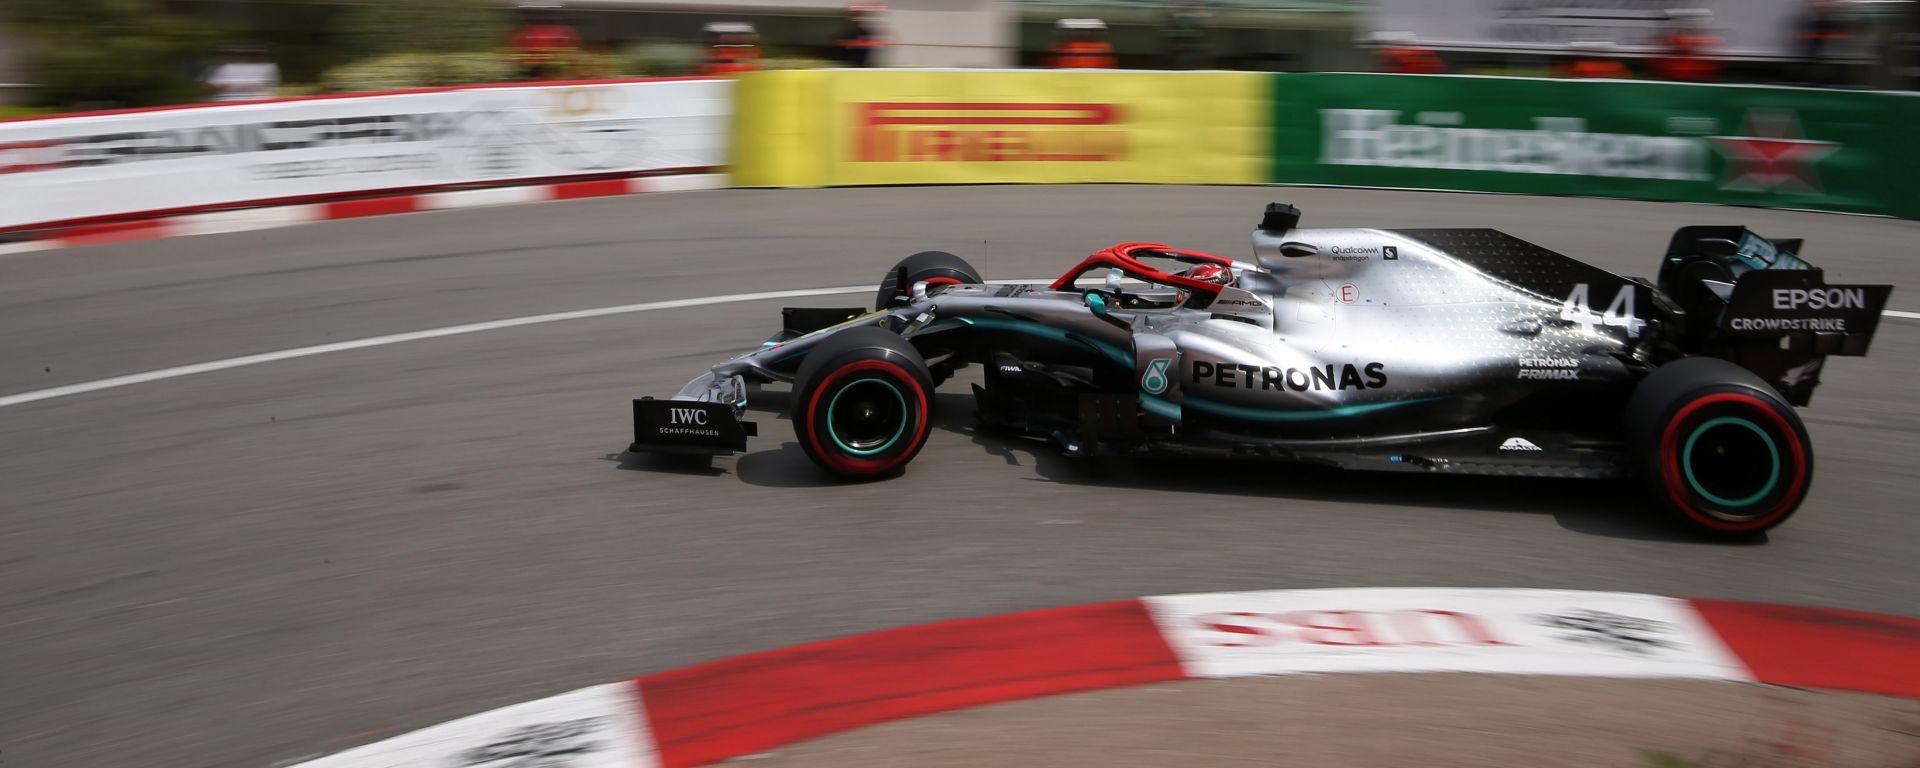 Lewis Hamilton è il vincitore del Gp di Monaco 2019